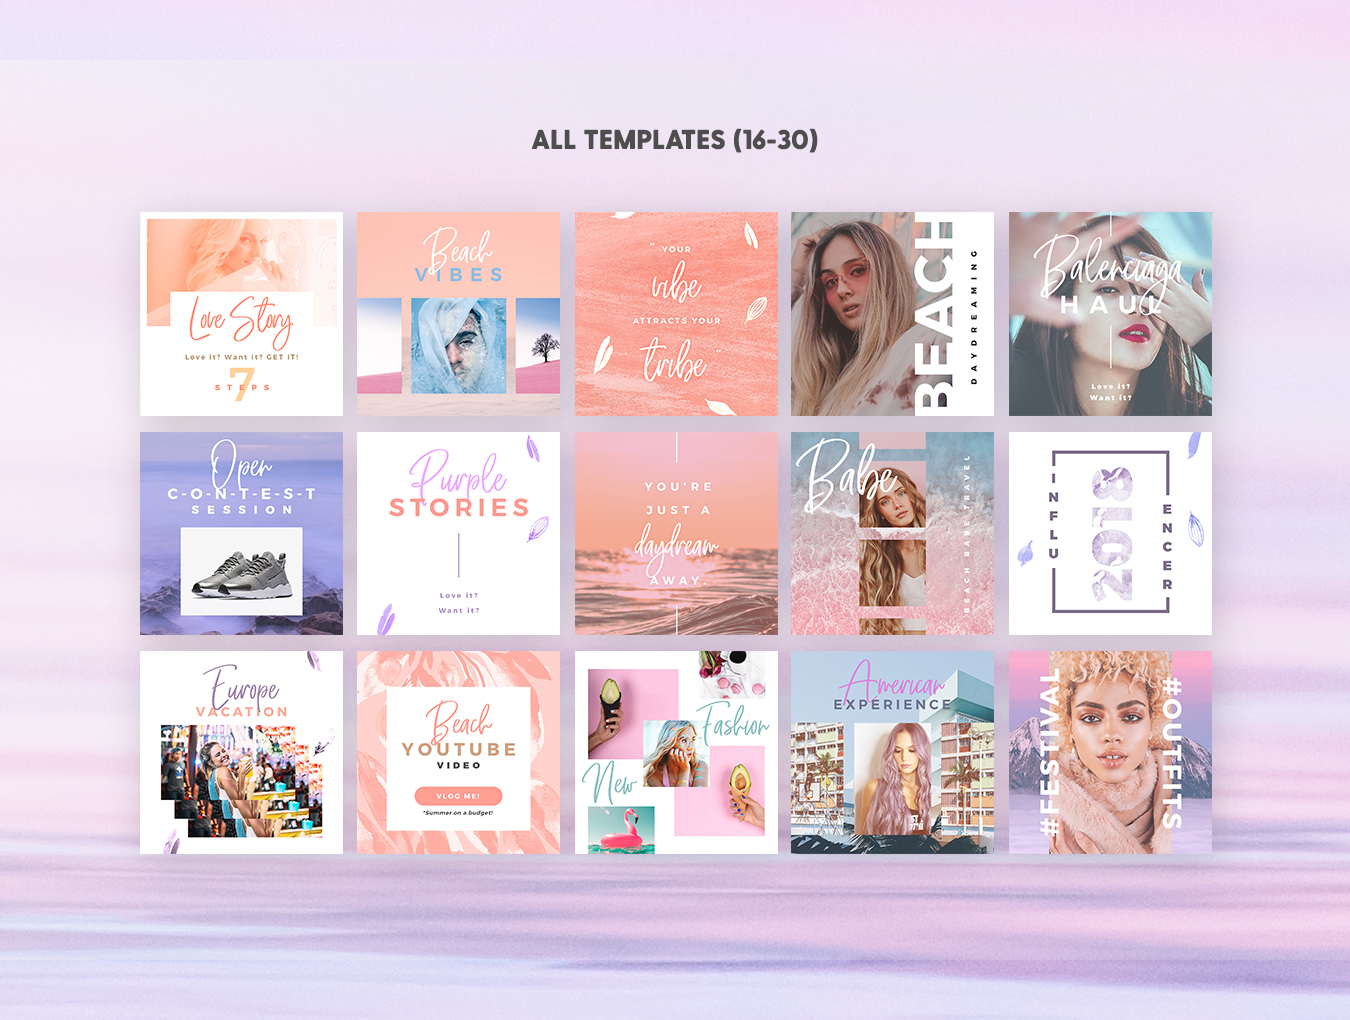 梦幻产品市场营销品牌故事Instagram社交设计素材 Dreamy Vibes Social Pack插图(3)